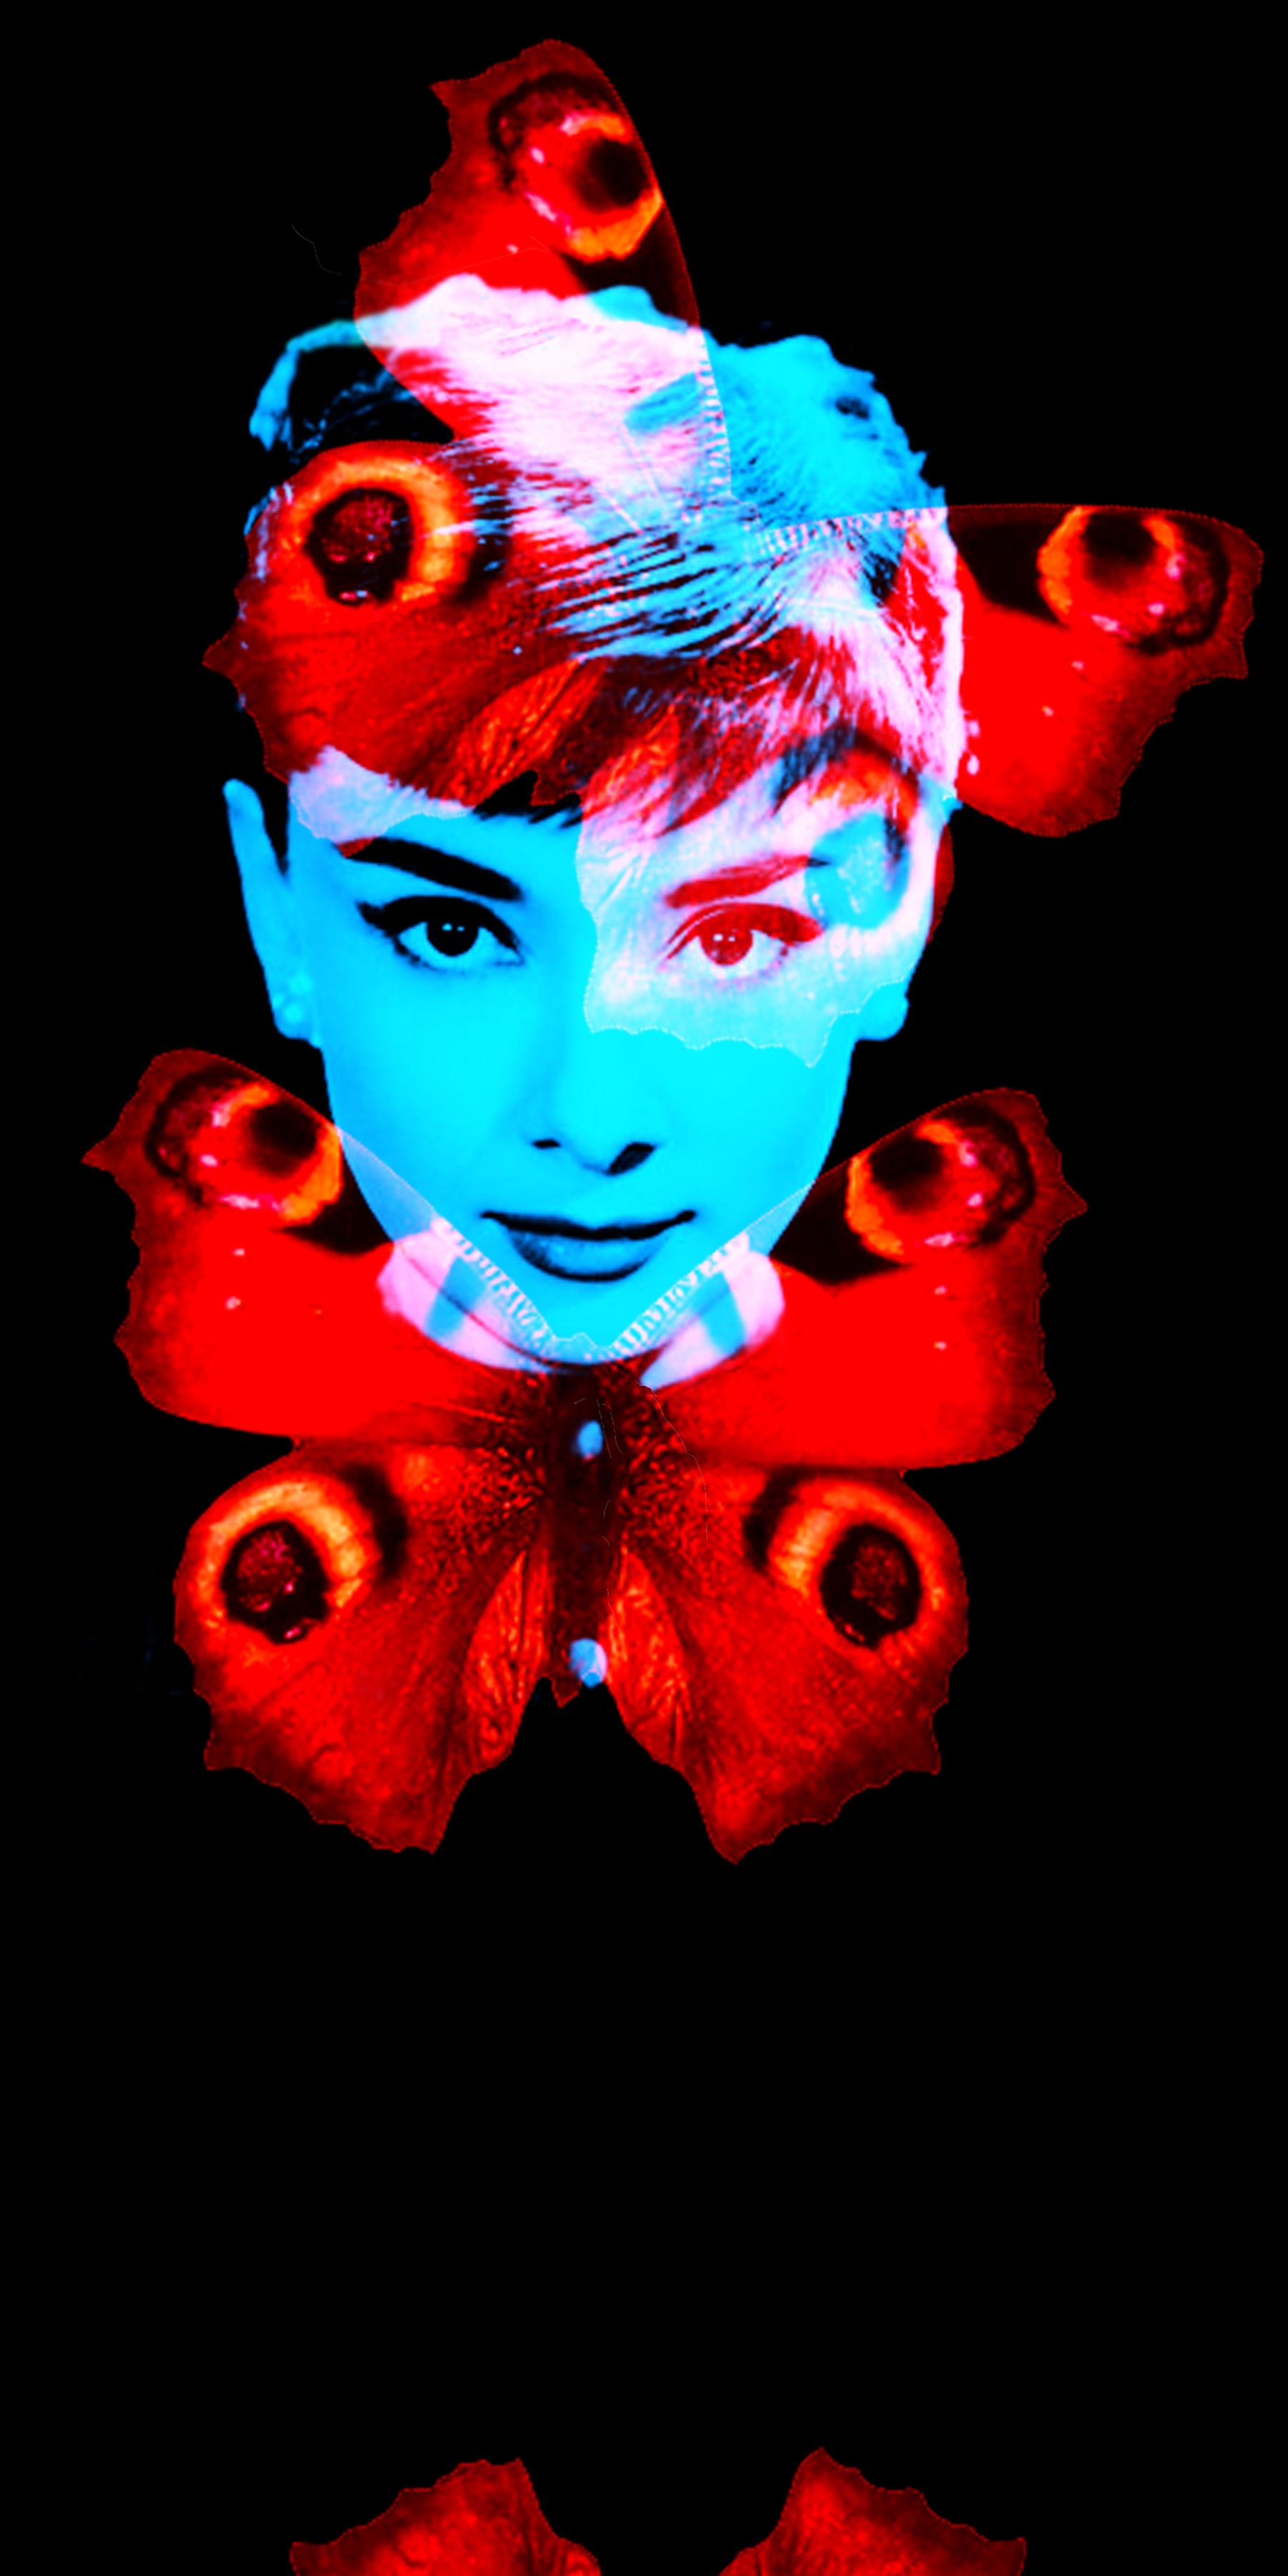 AUDREY BUTTERFLY digital art photo, 2011